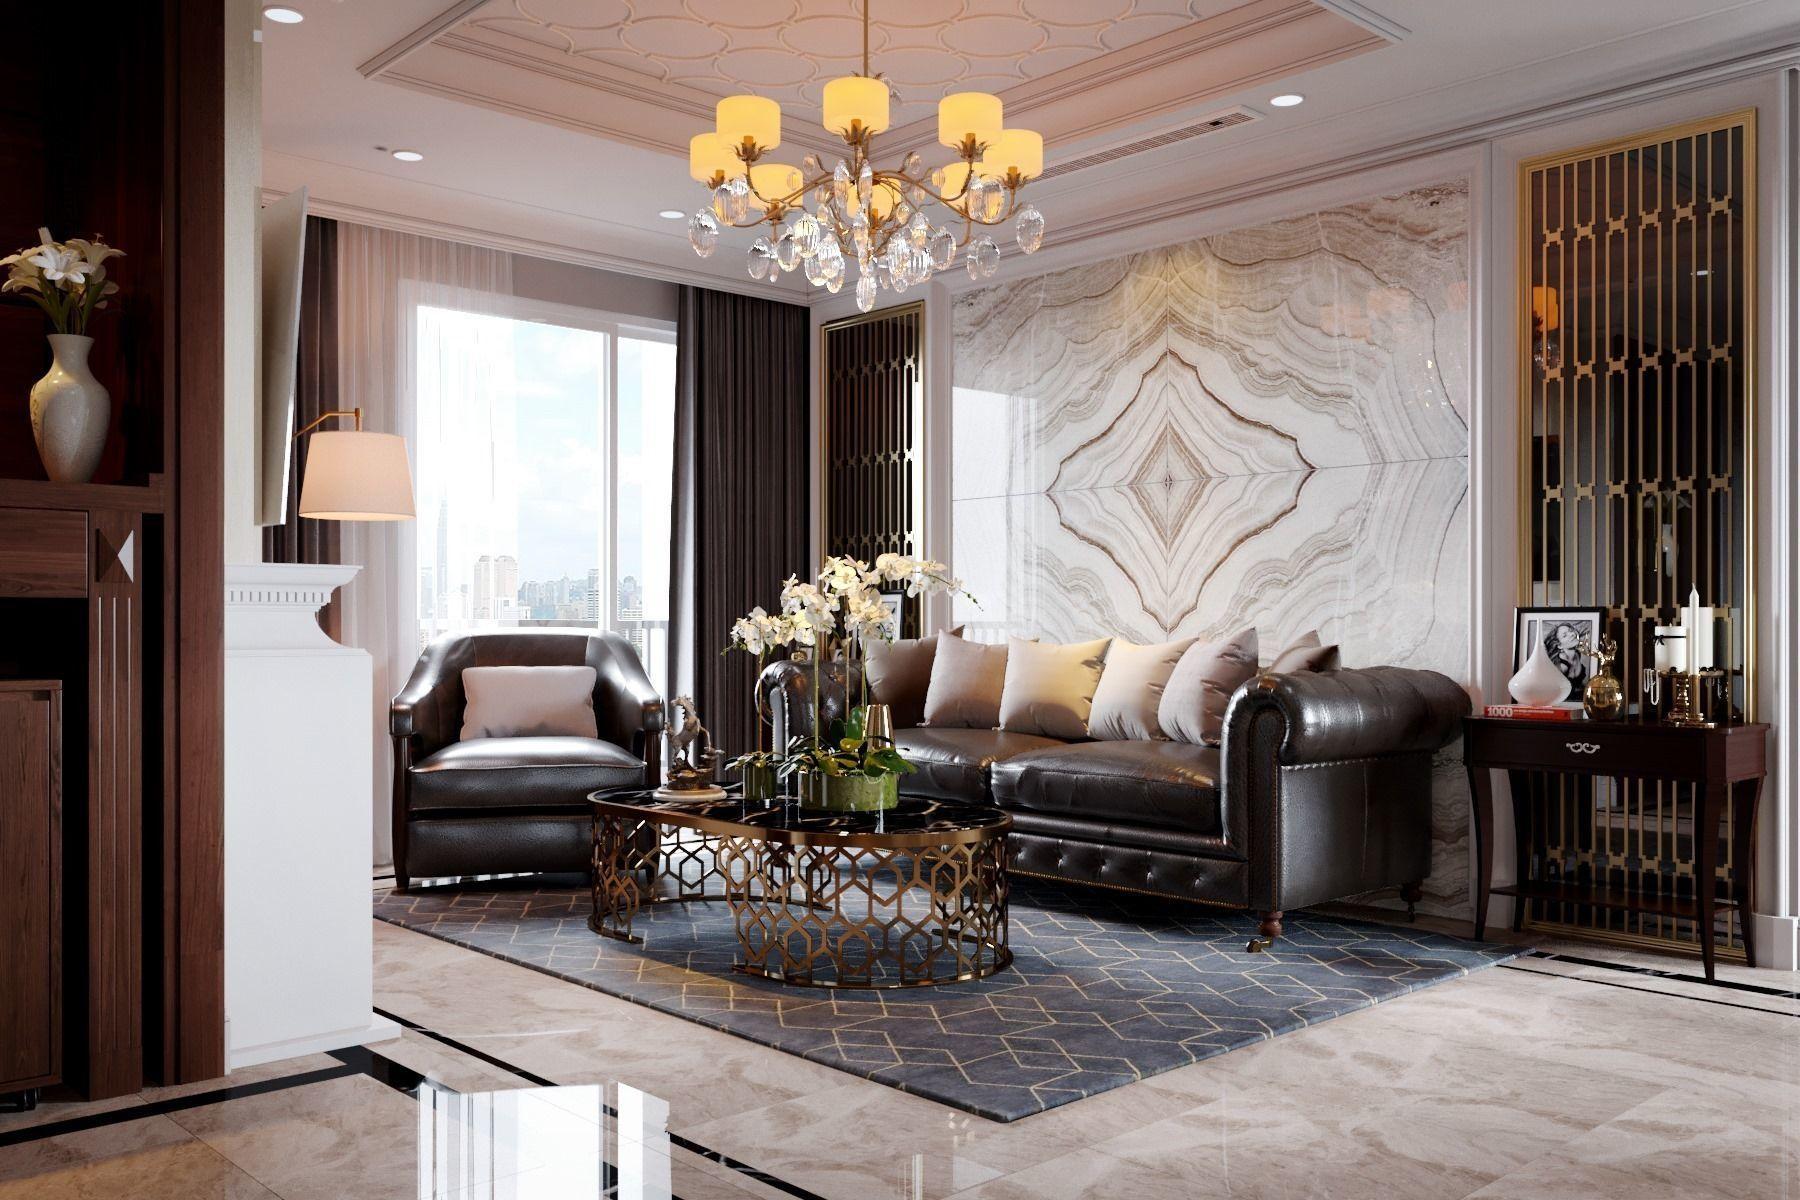 Luxury Apartment Design 2 | 3D model